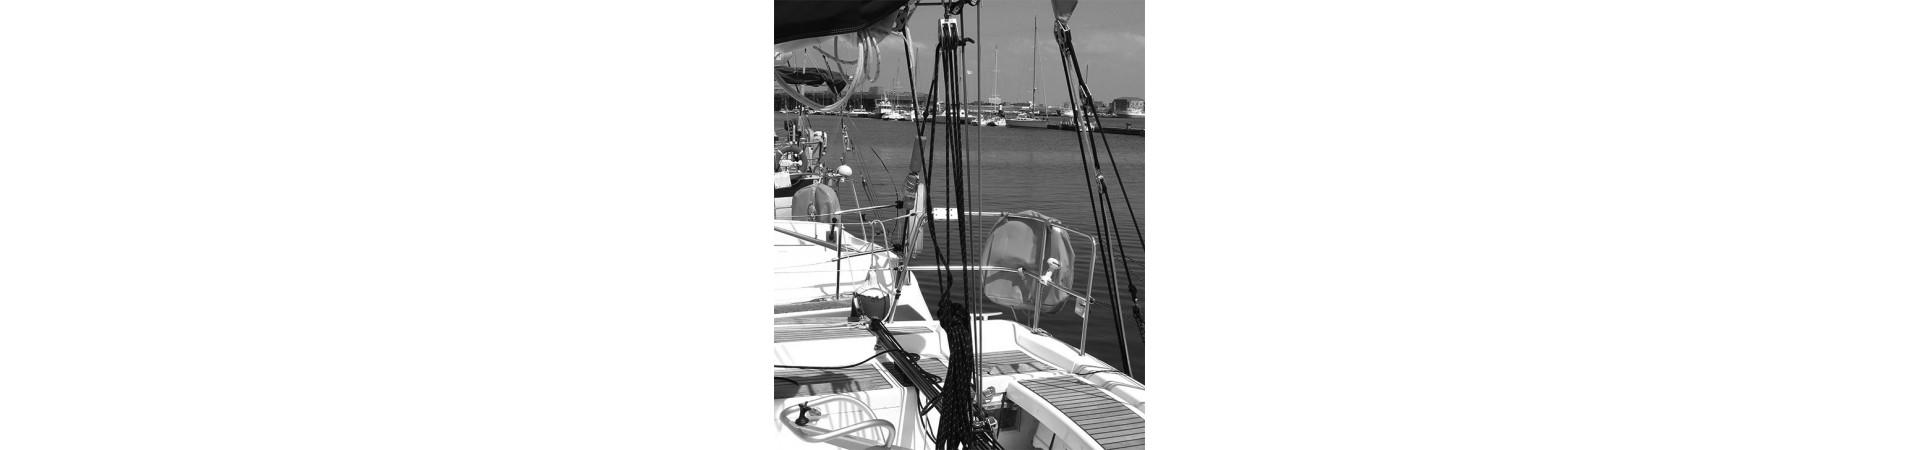 Náutica, pesca y efectos navales